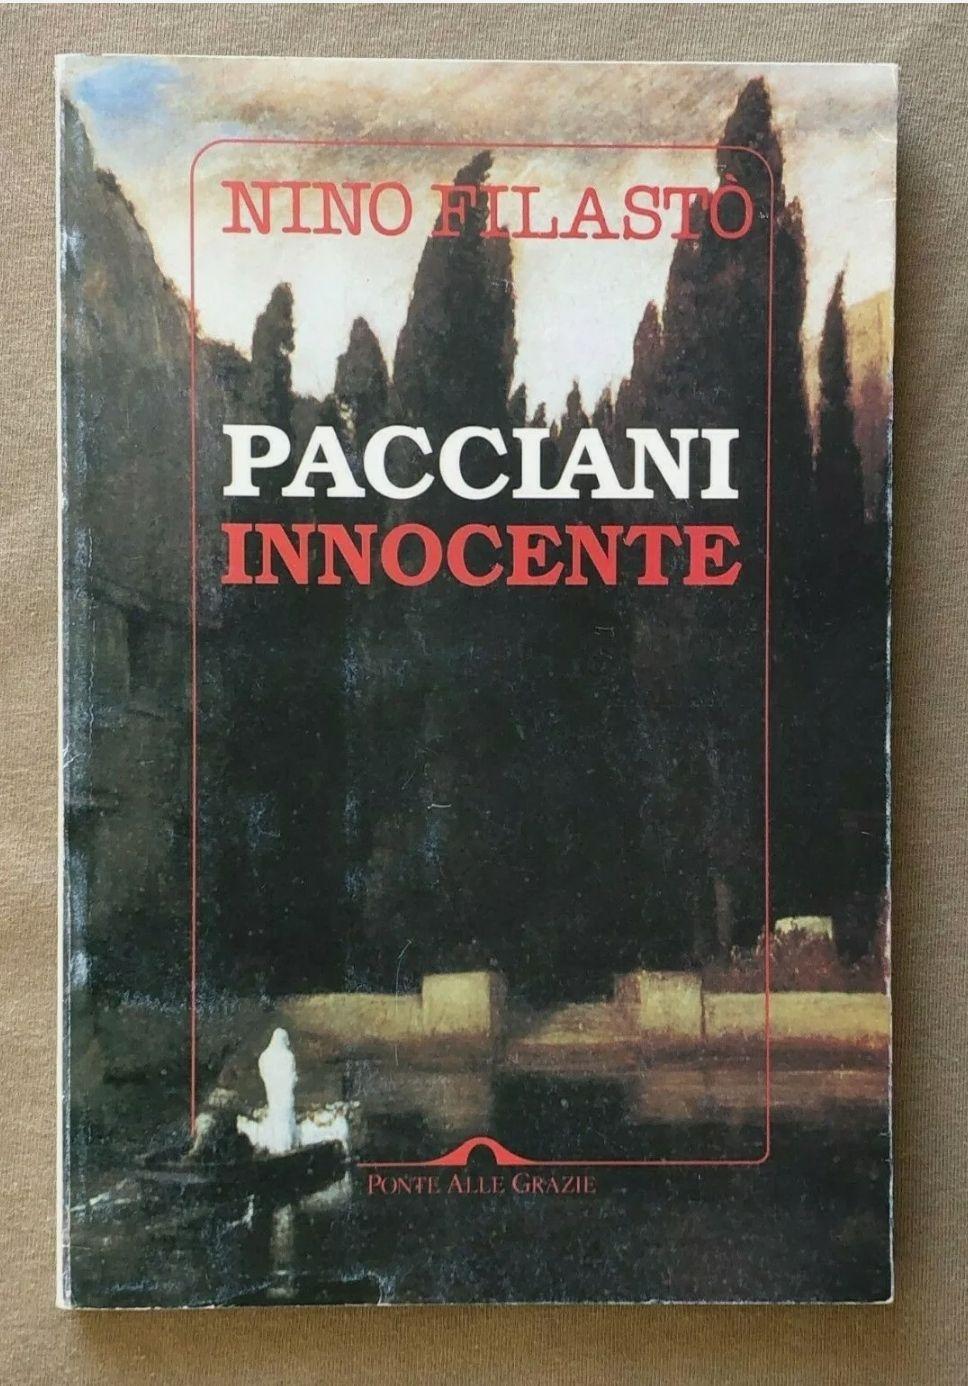 """""""Pacciani innocente"""", di Nino Filastò (Ponte alle Grazie, 1994) – Uno dei libri più rari sul caso del Mostro di Firenze. A 125 €"""